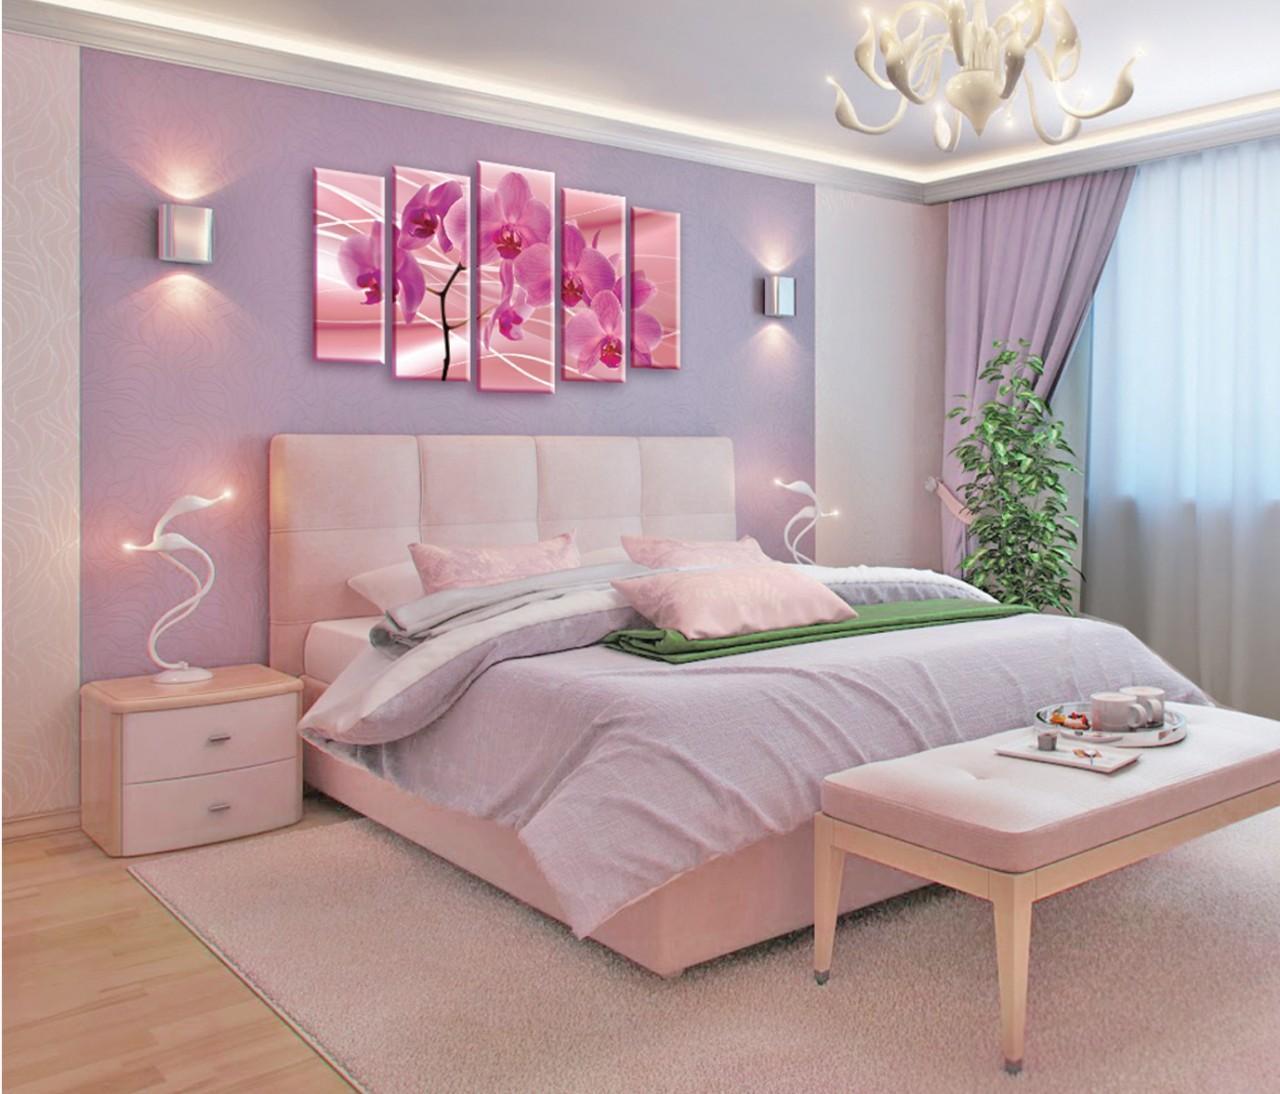 Không gian màu tím hồng với bộ đèn và tủ hiện đại